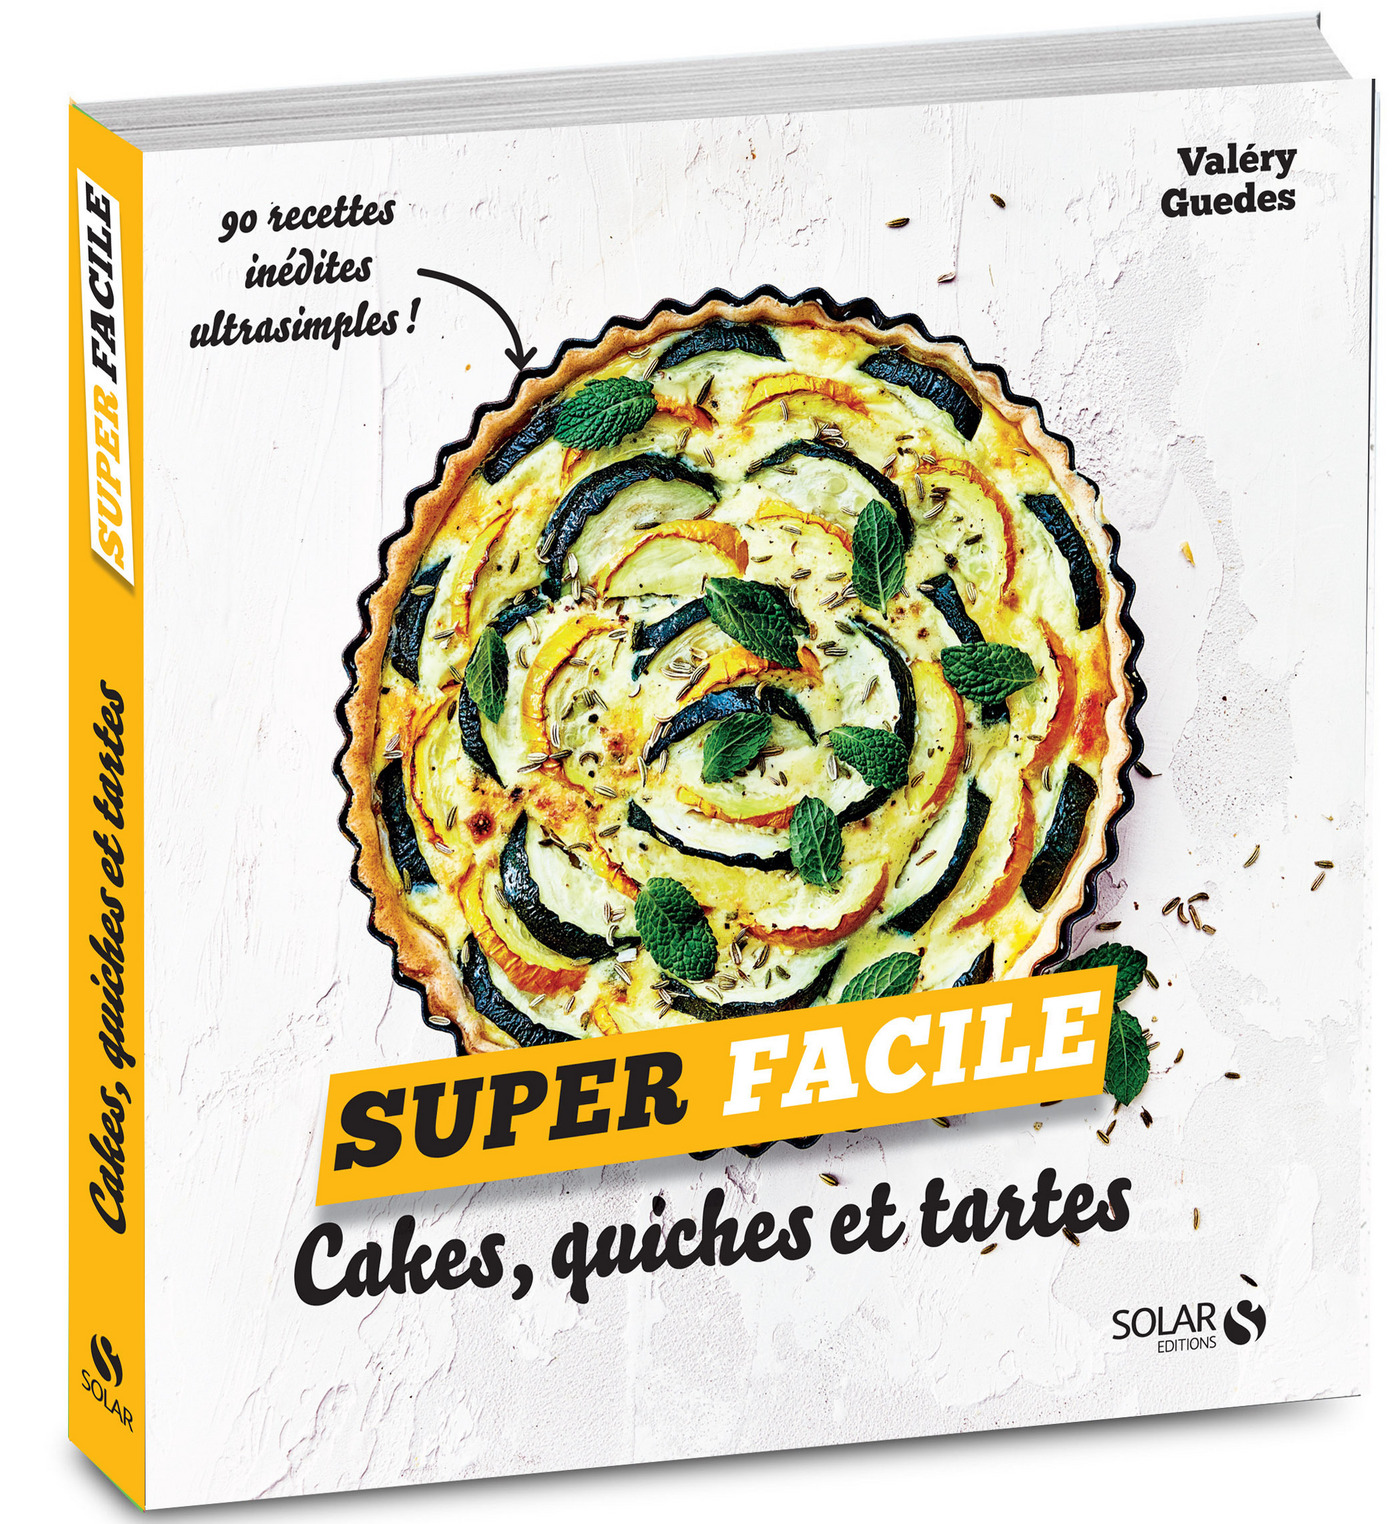 Cakes, quiches et tartes - super facile